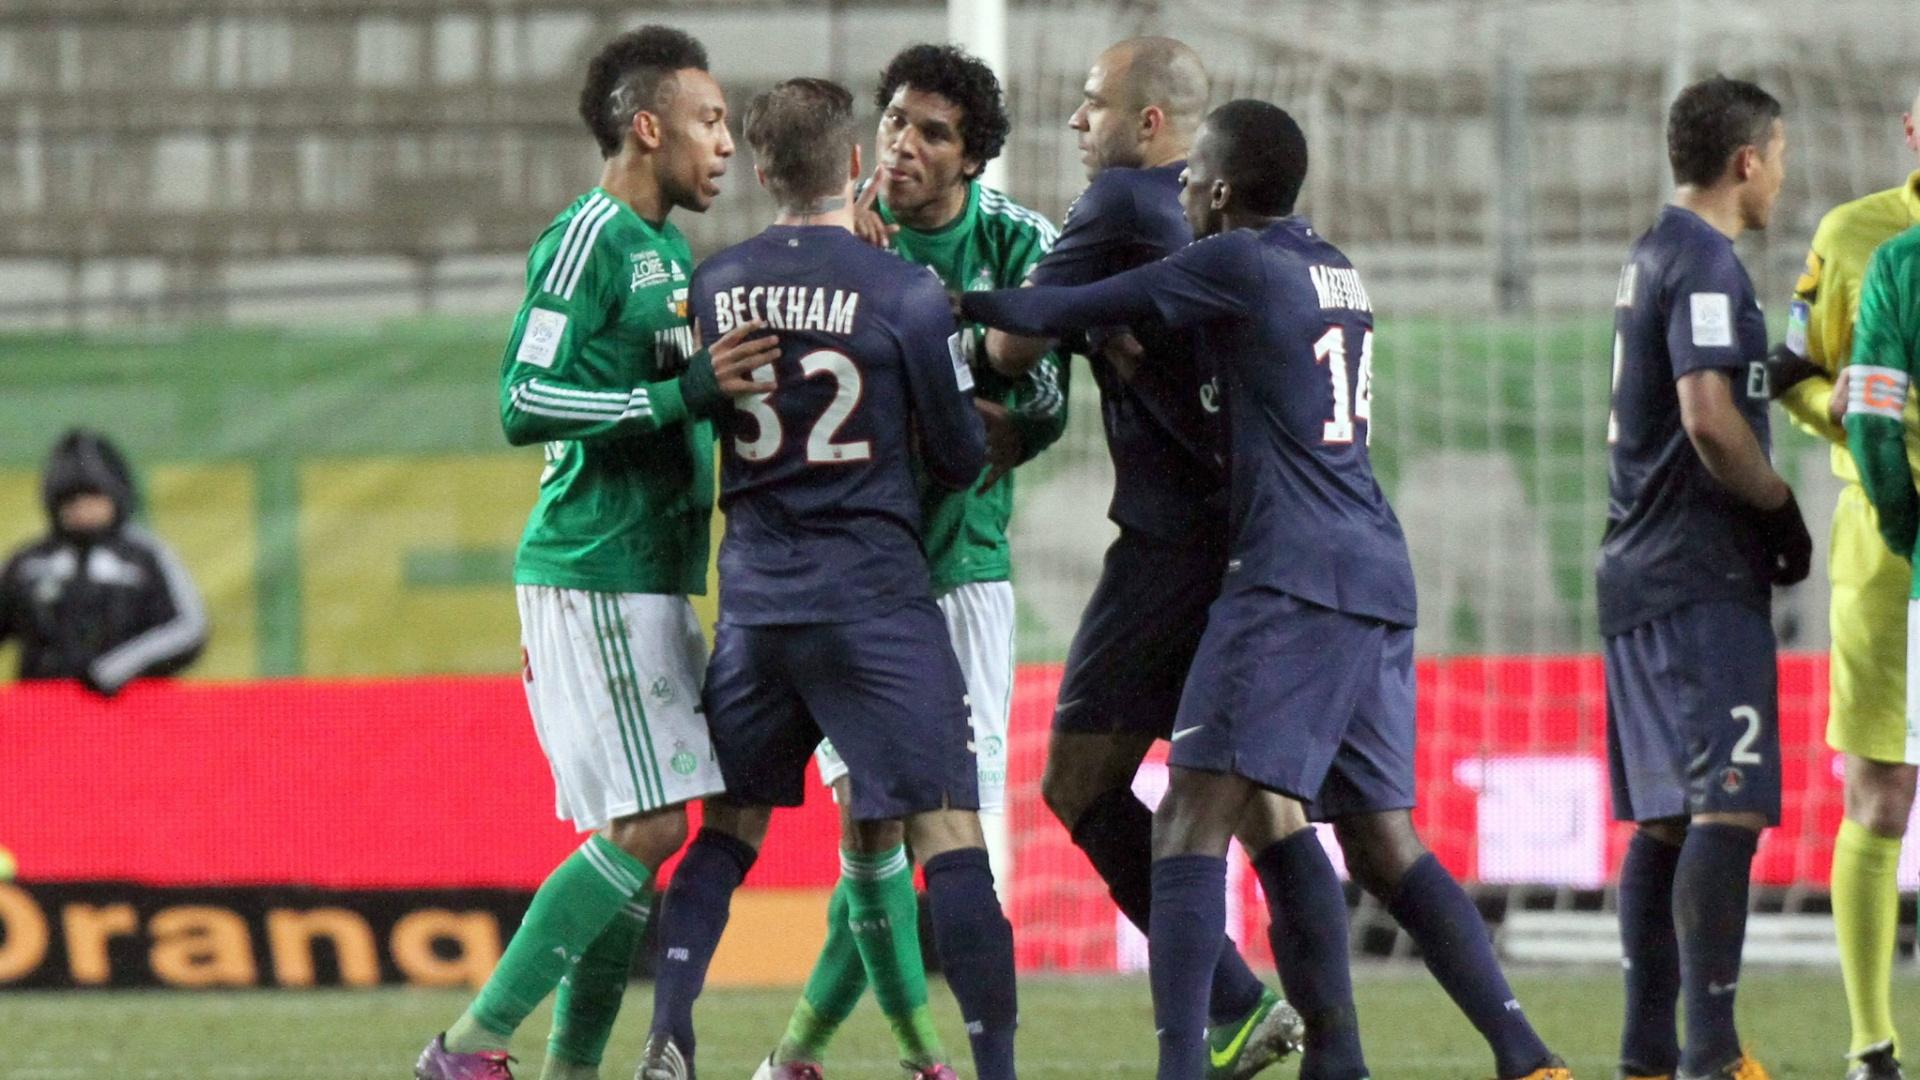 David Beckham, do PSG, discutiu com o brasileiro Brandão, do Saint-Etienne, durante o empate por 2 a 2